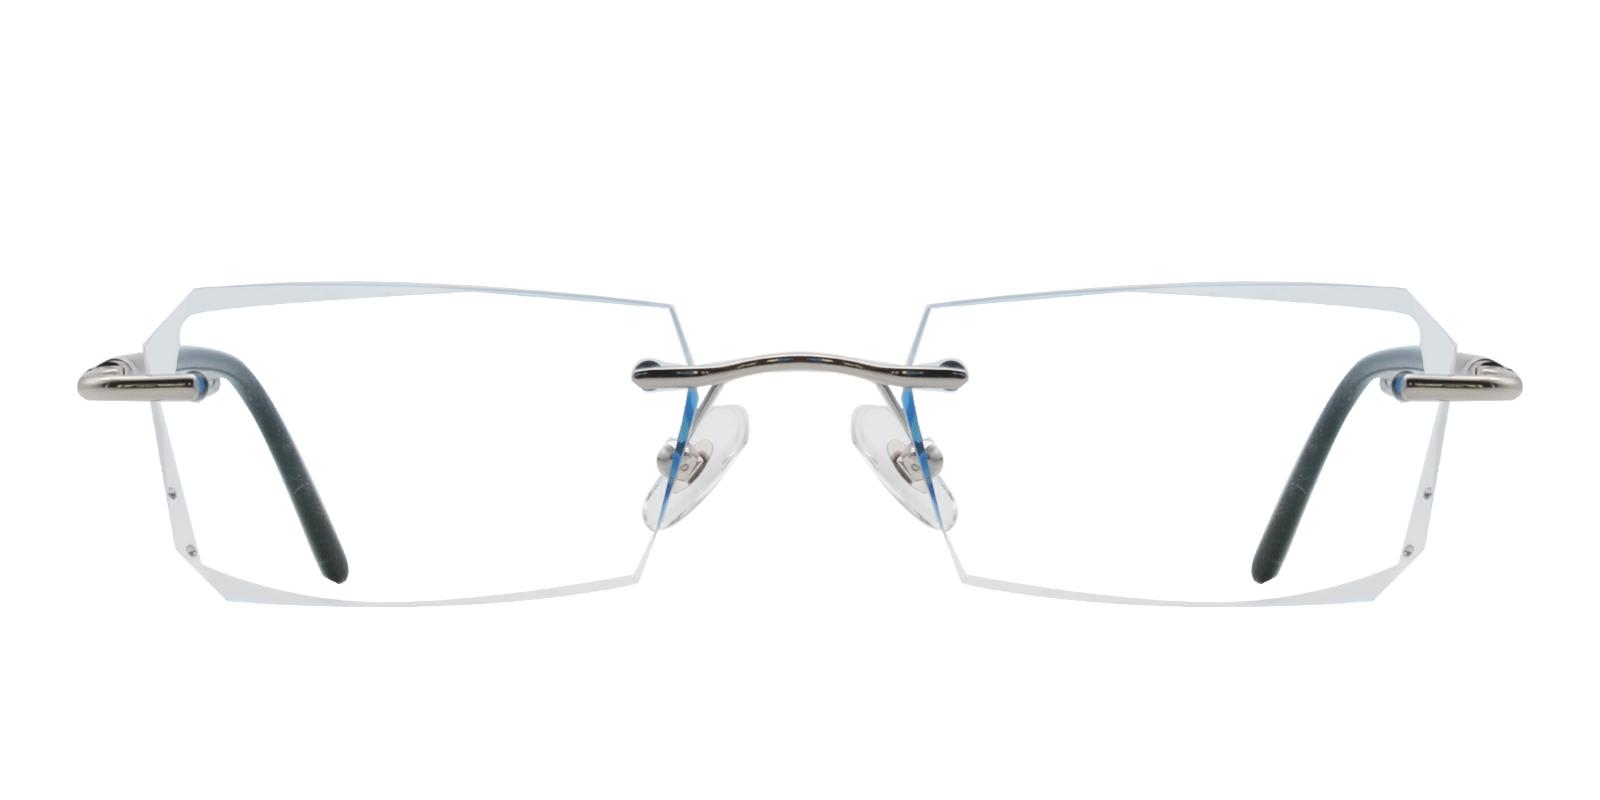 Asher Blue Titanium NosePads , Eyeglasses Frames from ABBE Glasses